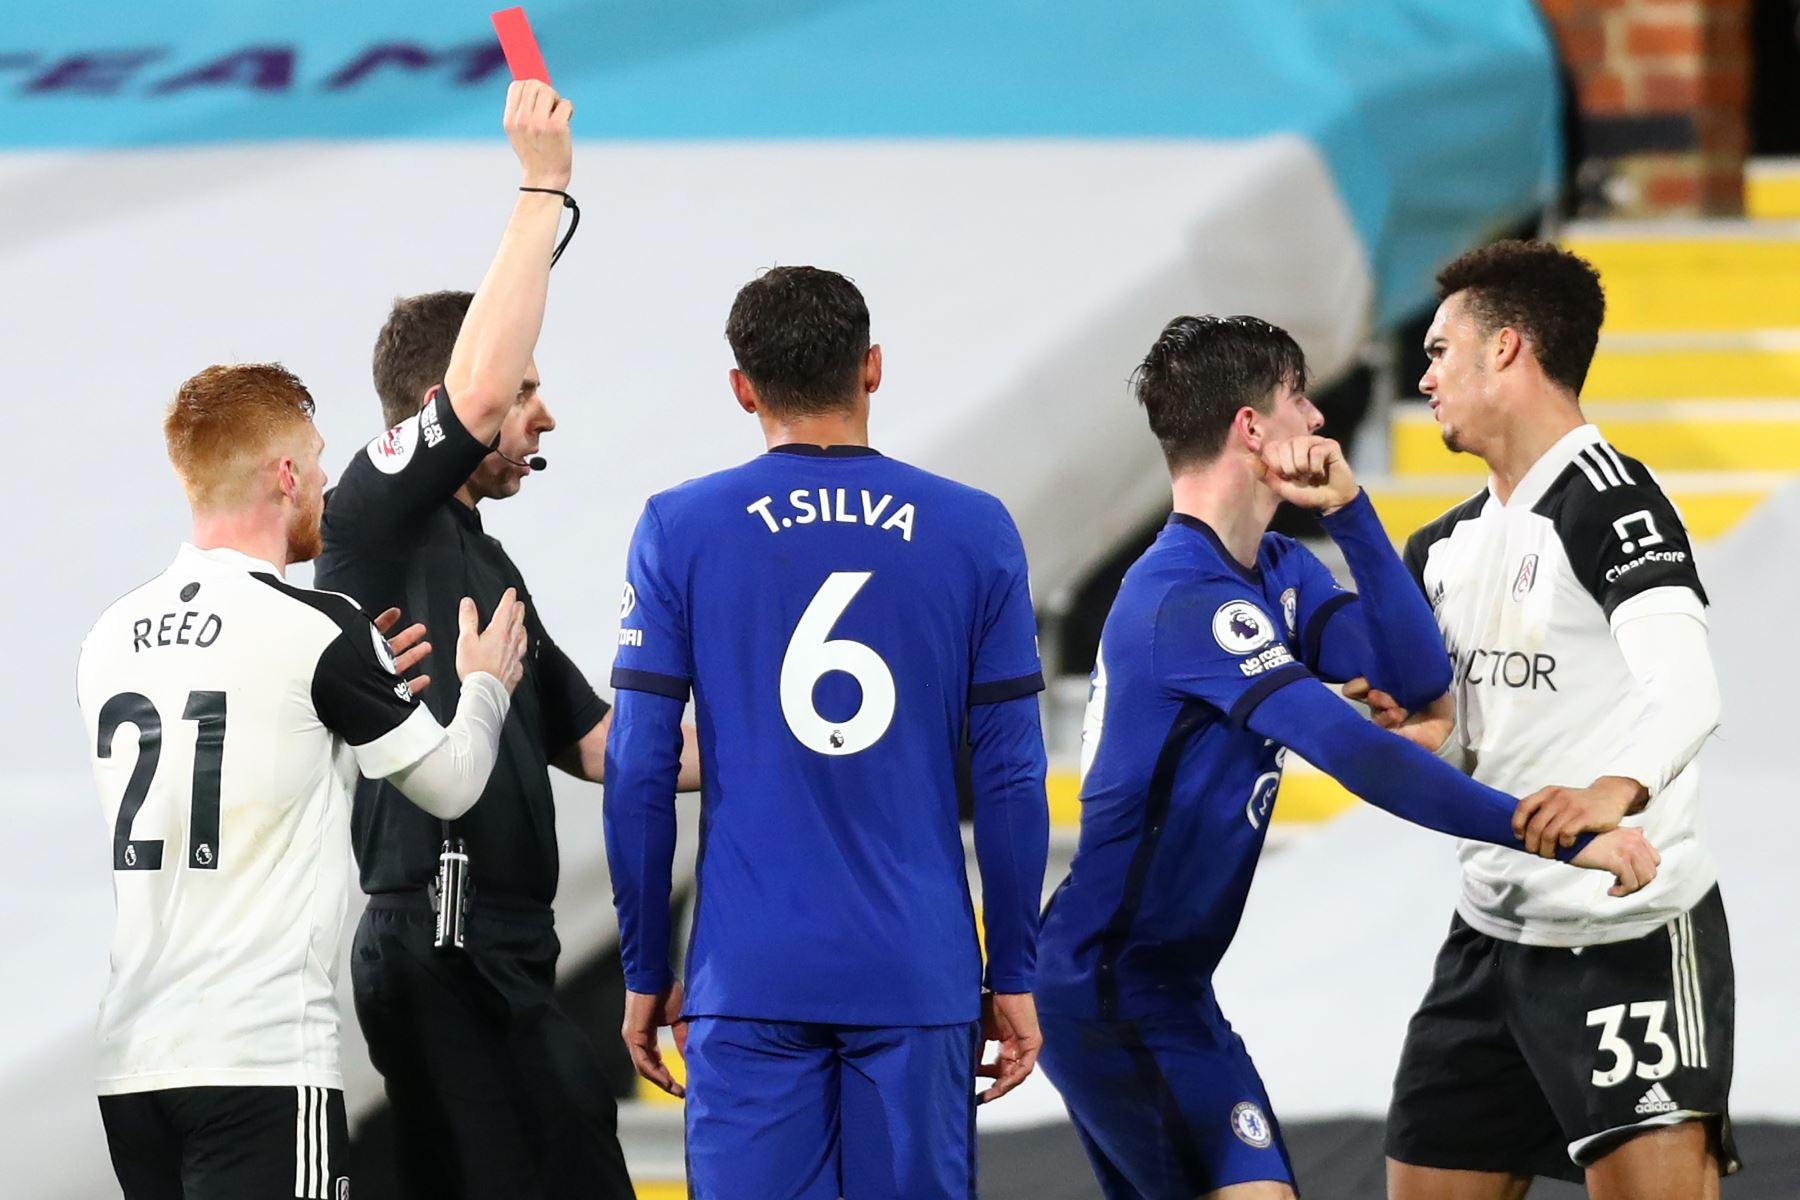 El árbitro Peter Bankes muestra una tarjeta roja al defensor estadounidense de origen inglés del Fulham Antonee Robinson por su entrada al defensor español del Chelsea, César Azpilicueta, durante el partido de fútbol de la Premier League inglesa entre Fulham y Chelsea.